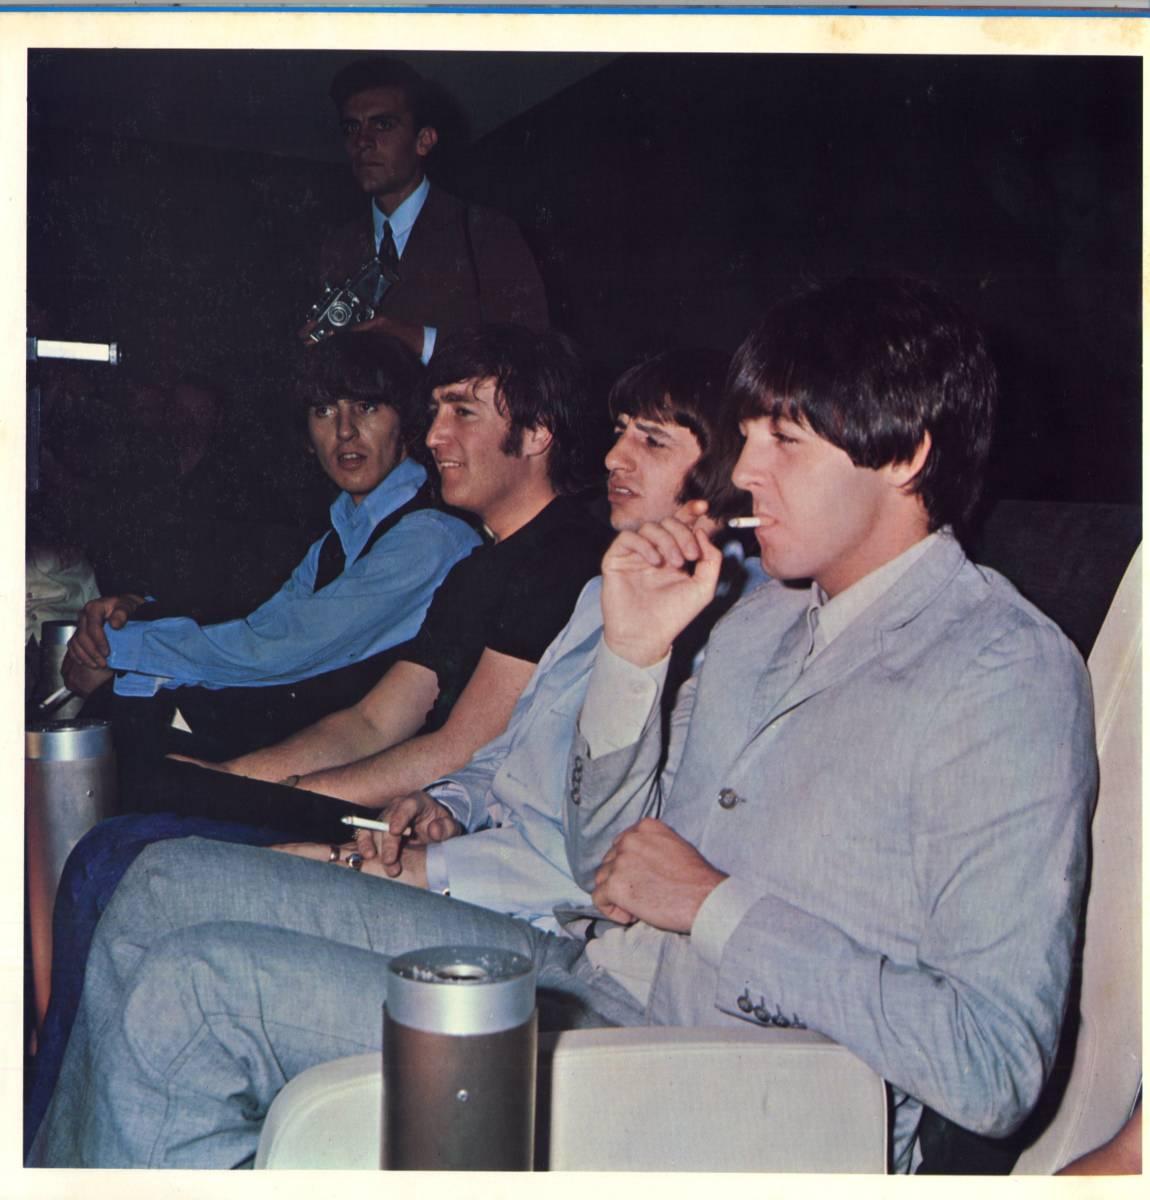 Beatles 「With The Beatles」国内盤アップルレーベル ダブルジャケット盤LPレコード  (AP-8678)_画像4